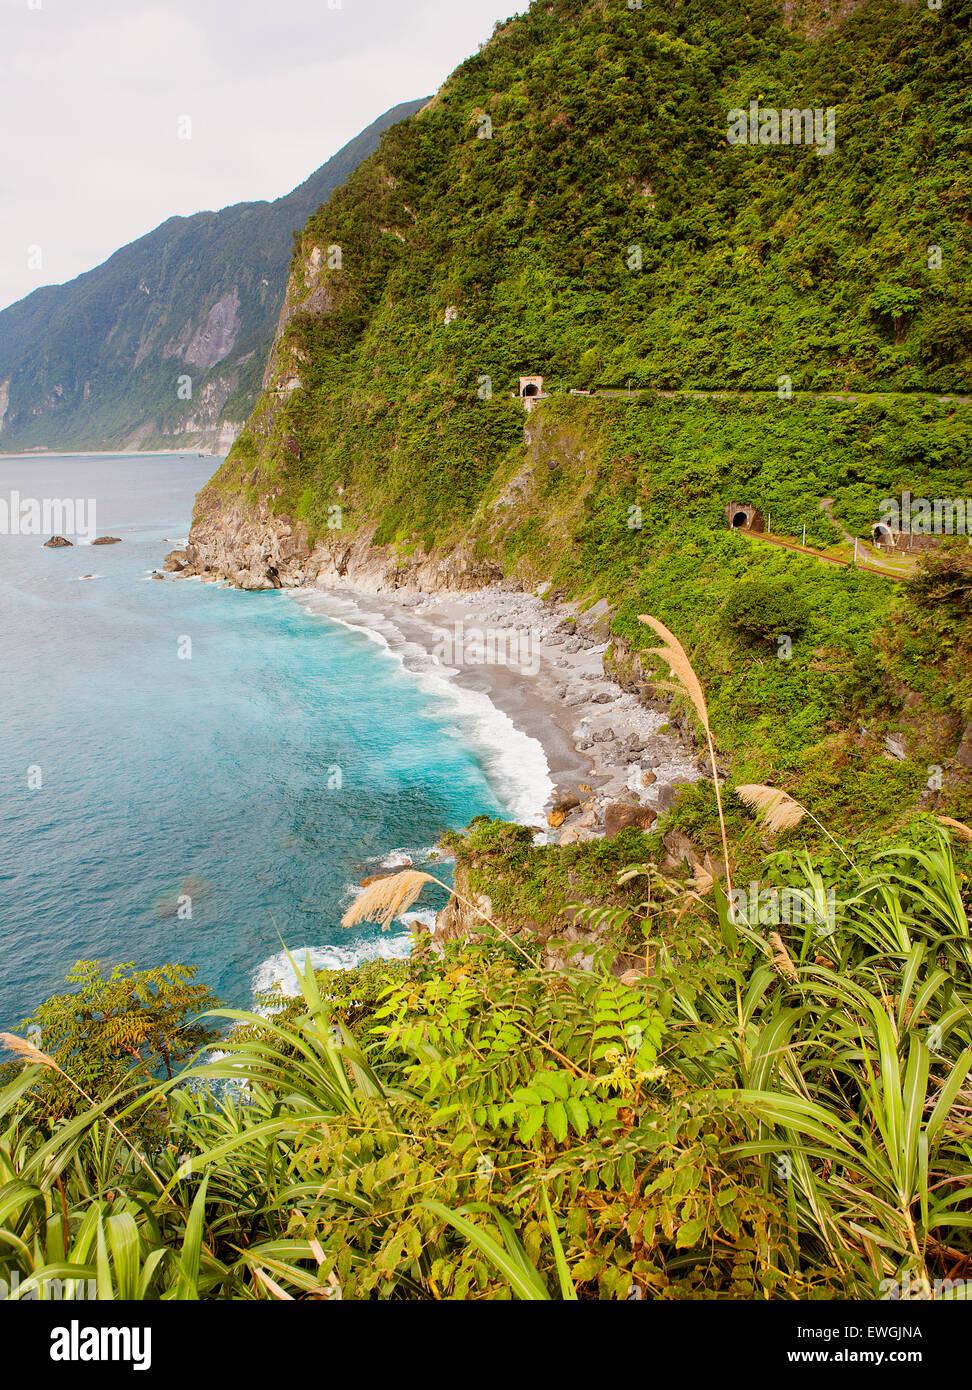 Une vue de la côte le long de l'autoroute Su-hua, le long de l'Huide sentier près de Gorge Taroko Photo Stock